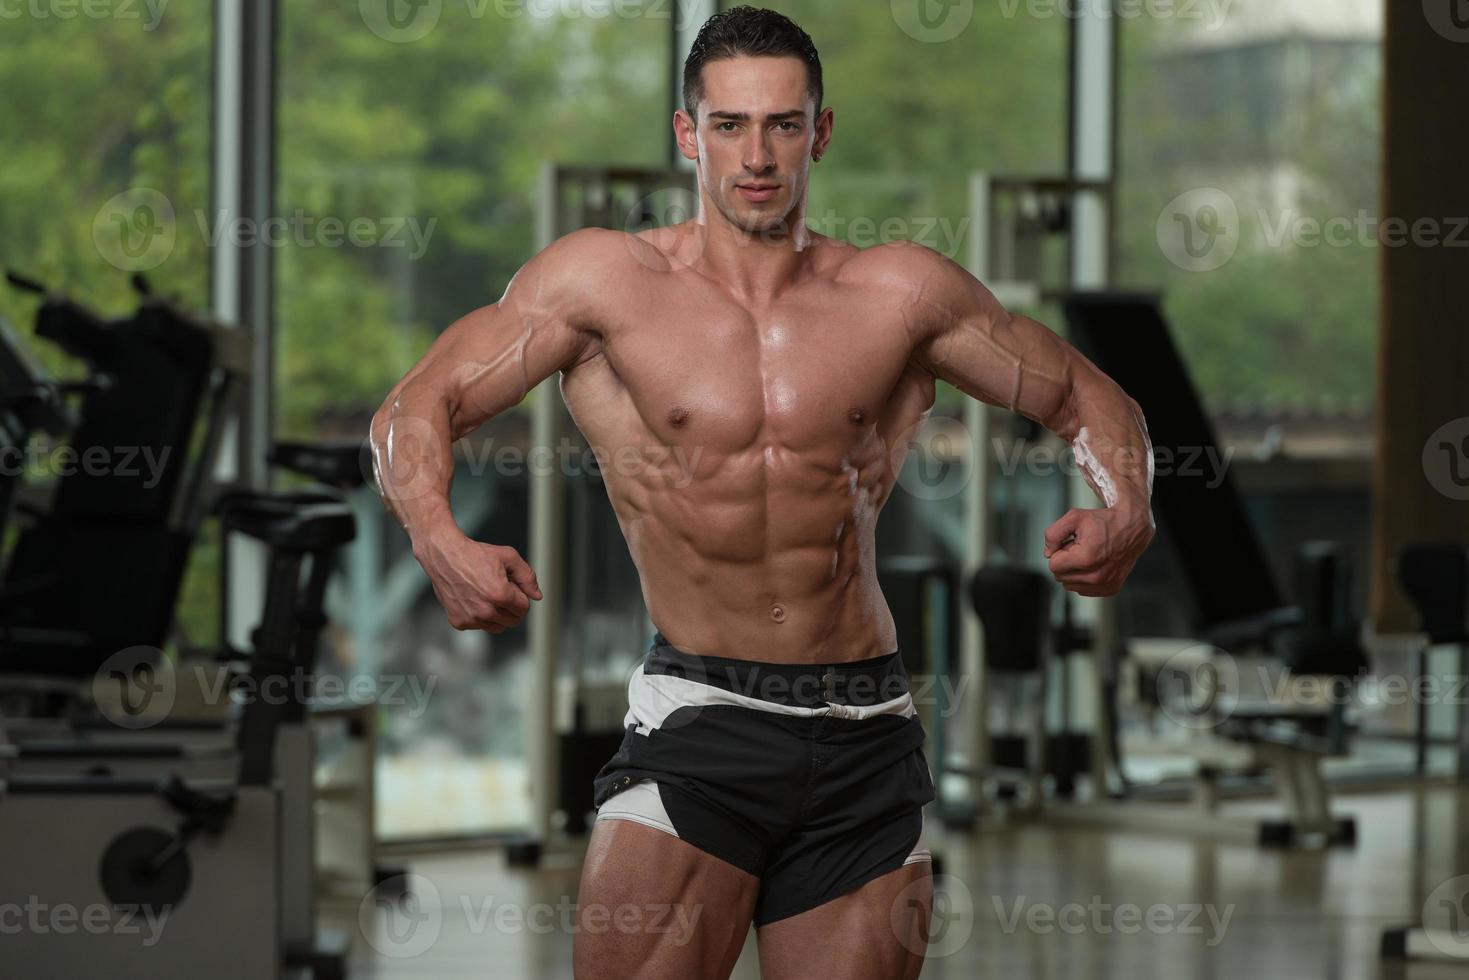 ernsthafter Bodybuilder, der im Fitnessstudio steht foto